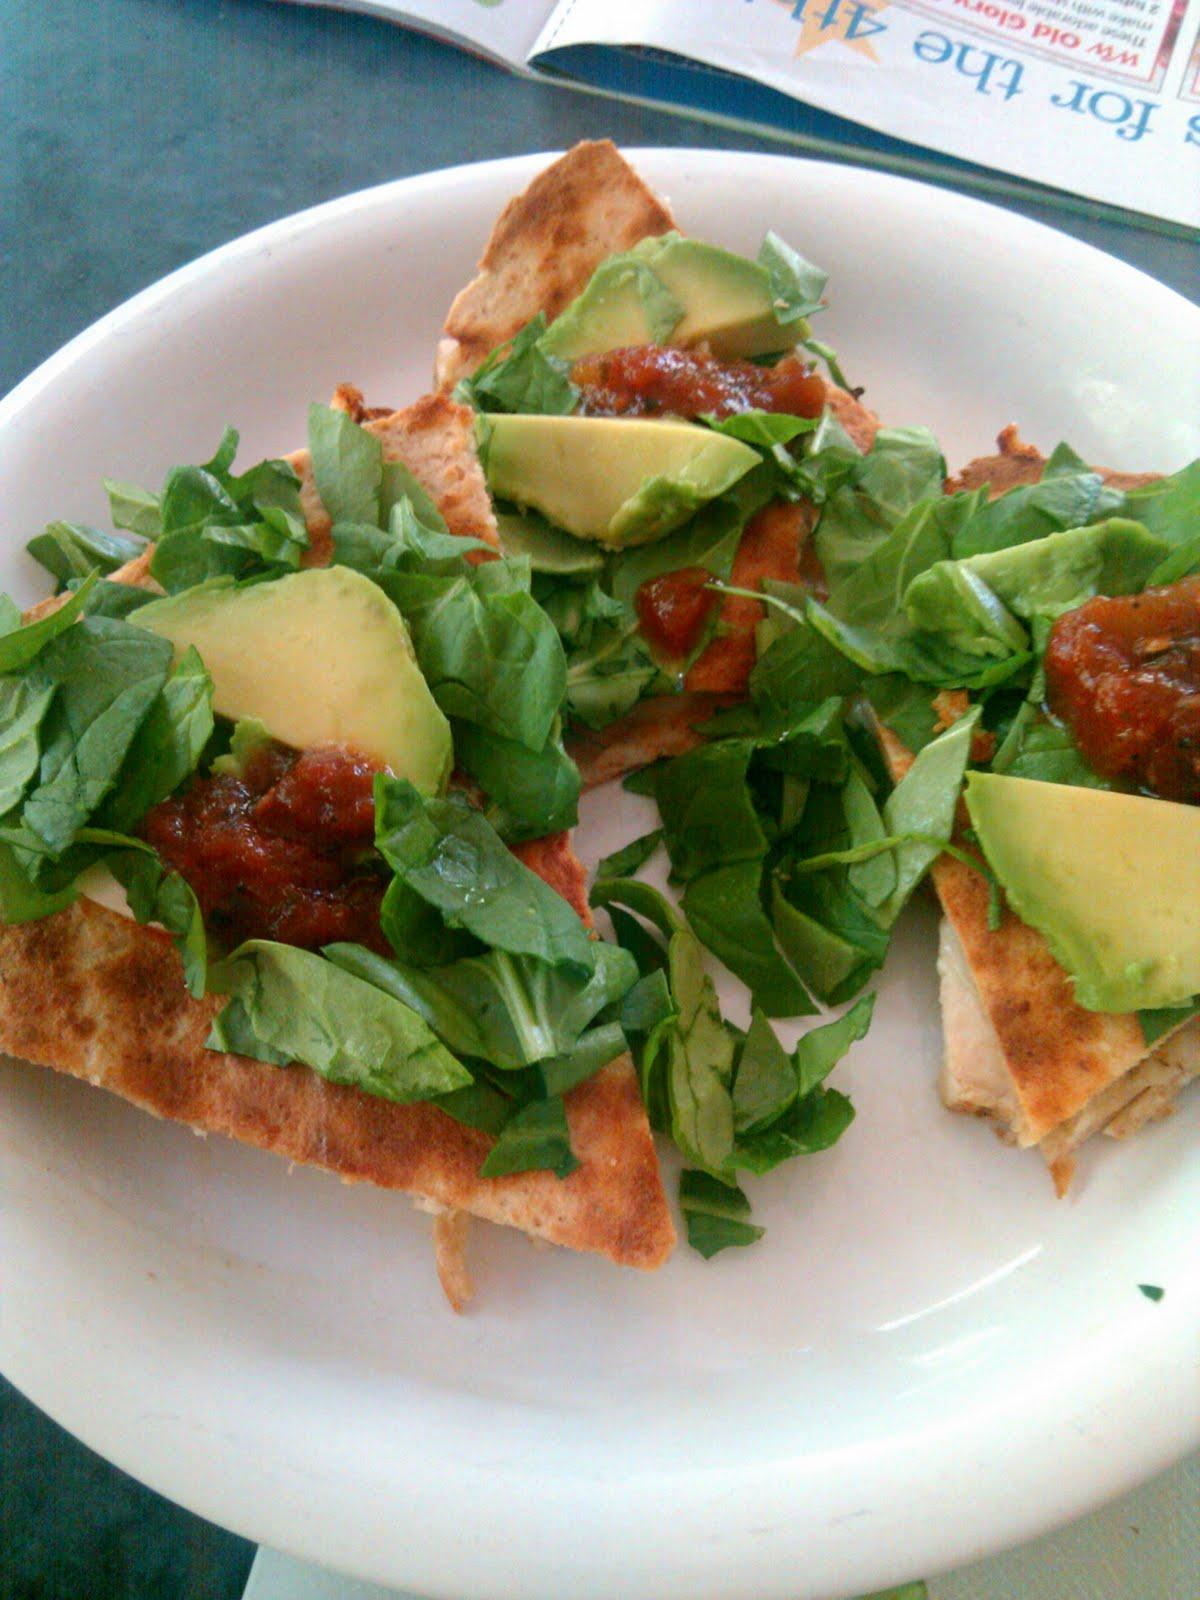 Reduced fat nacho cheese doritos